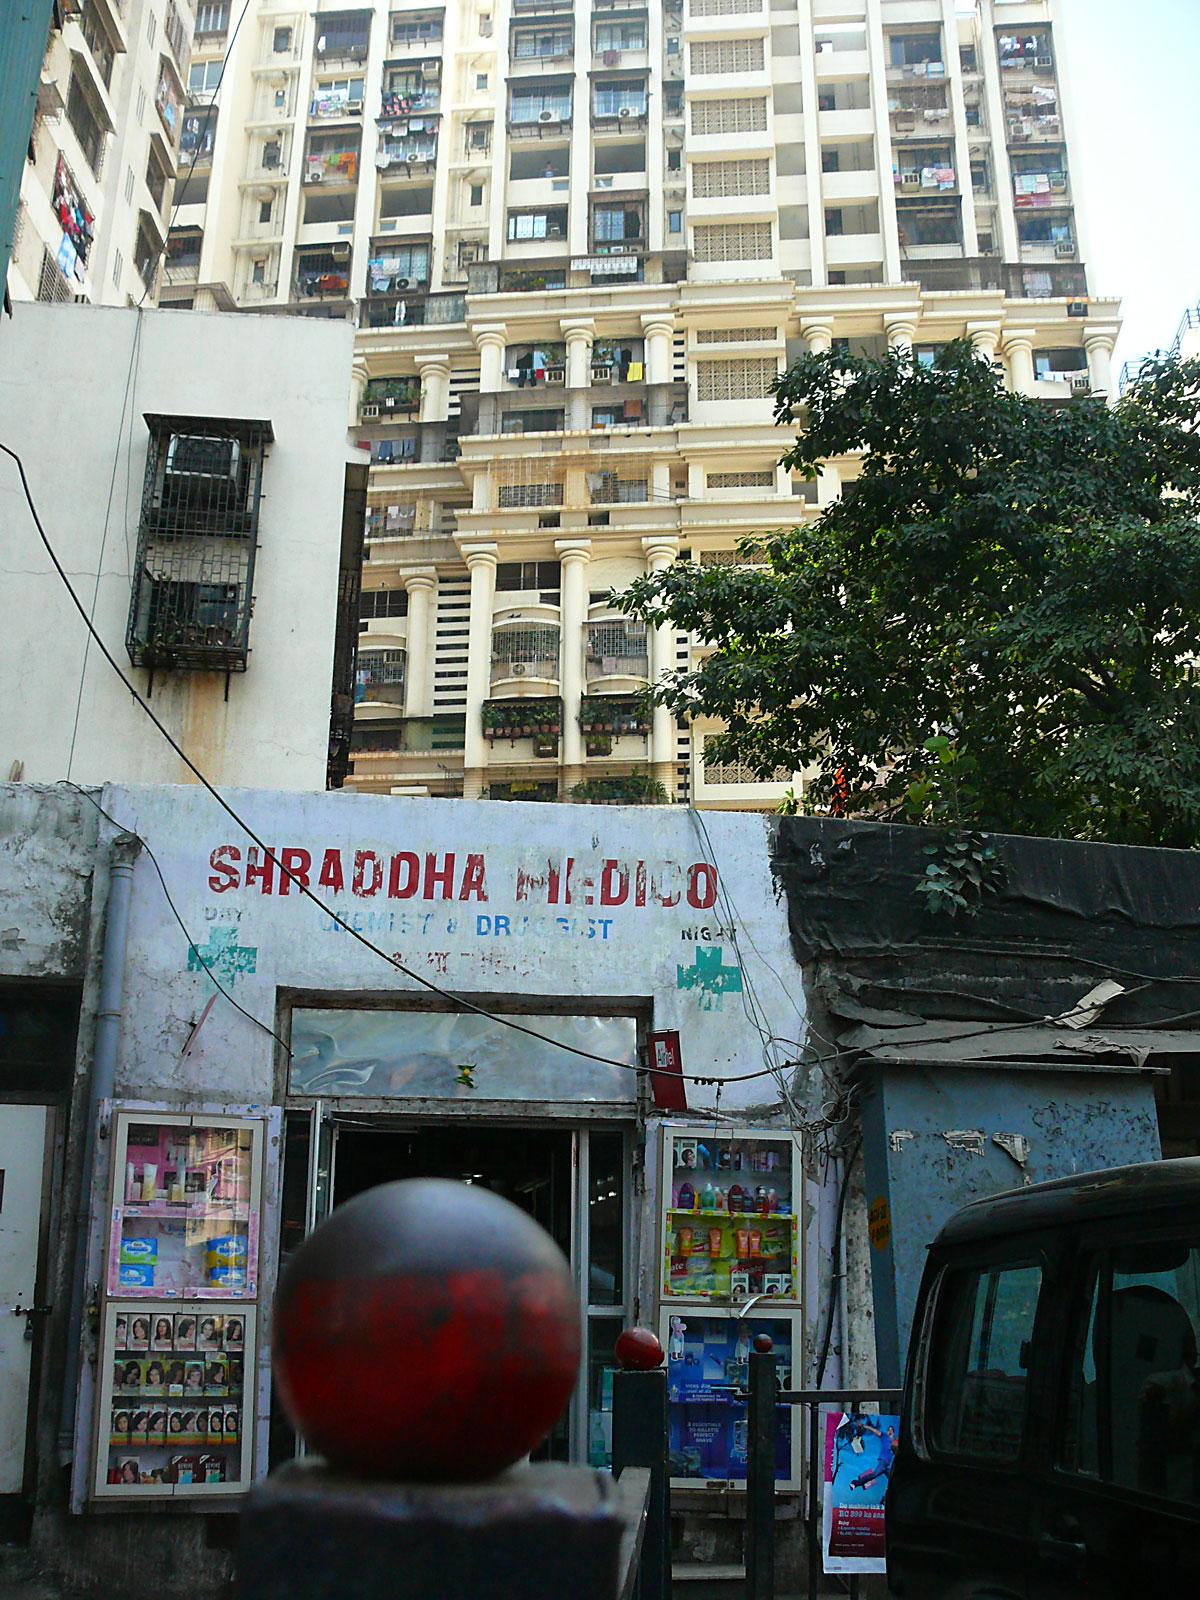 INDIEN MUMBAI Menschen Wohnen FINEST-onTour P1030448.jpg